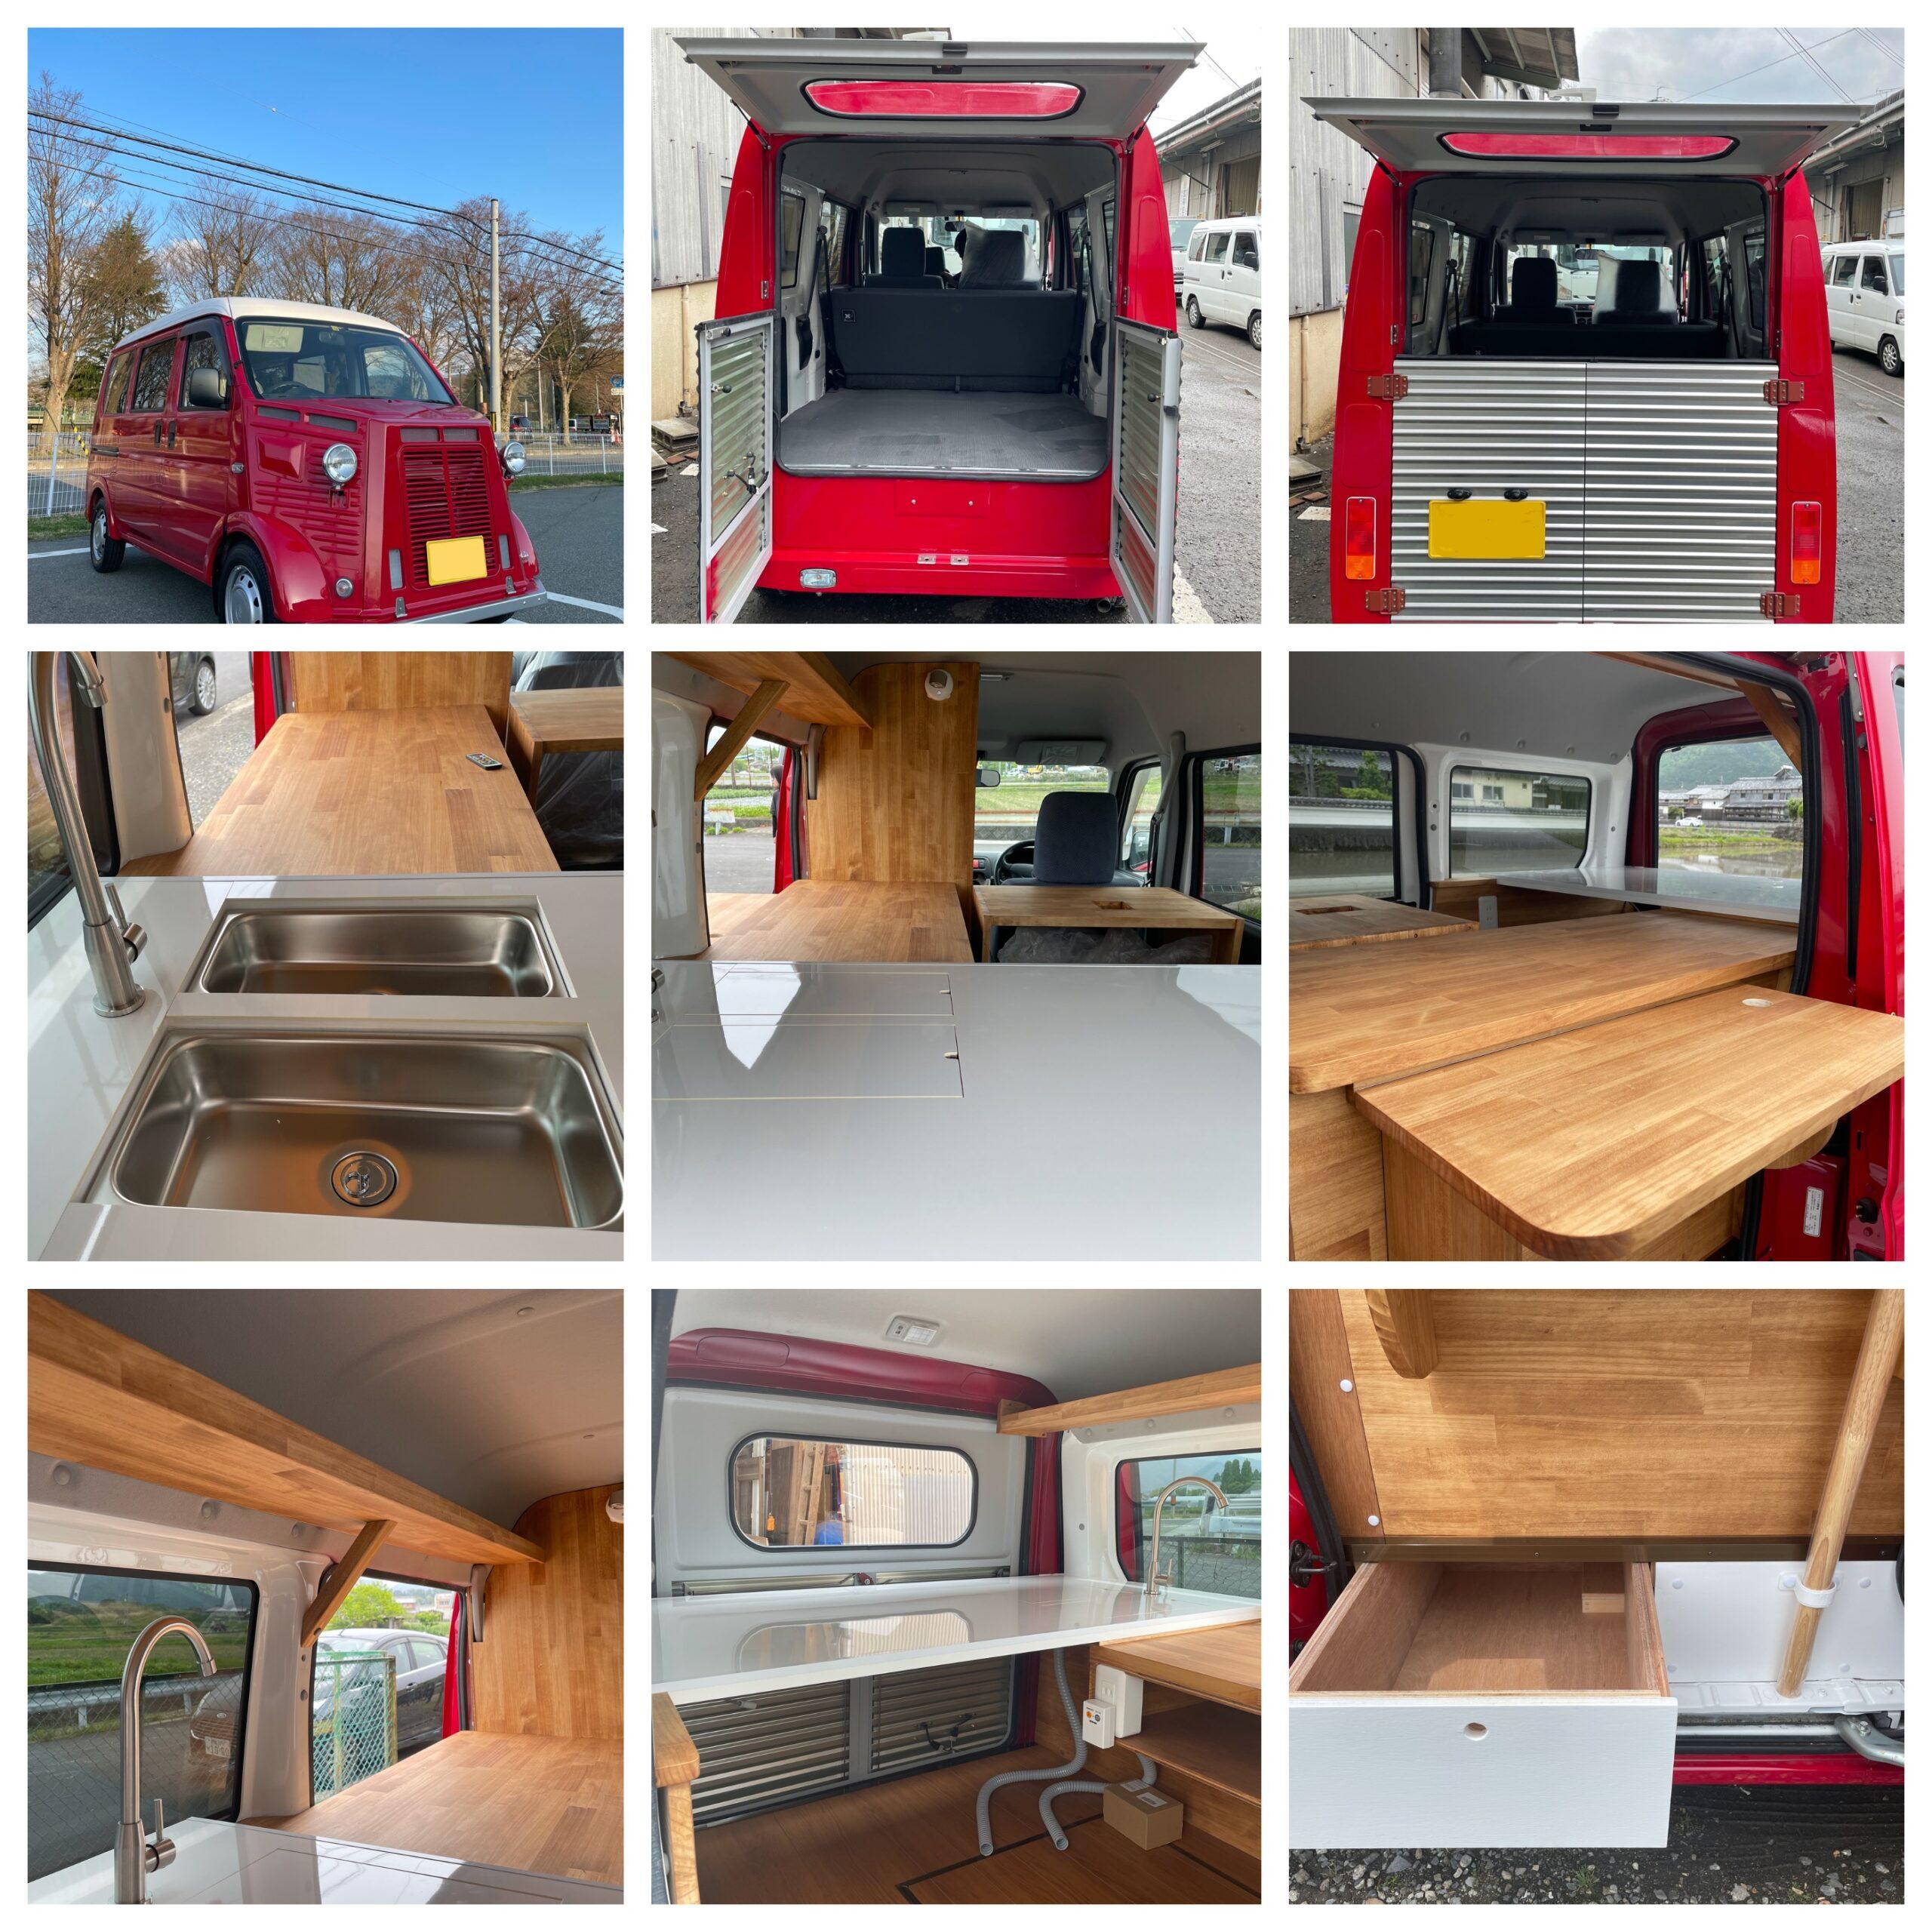 シトロエンHバンスタイルのキッチンカー(フードトラック)